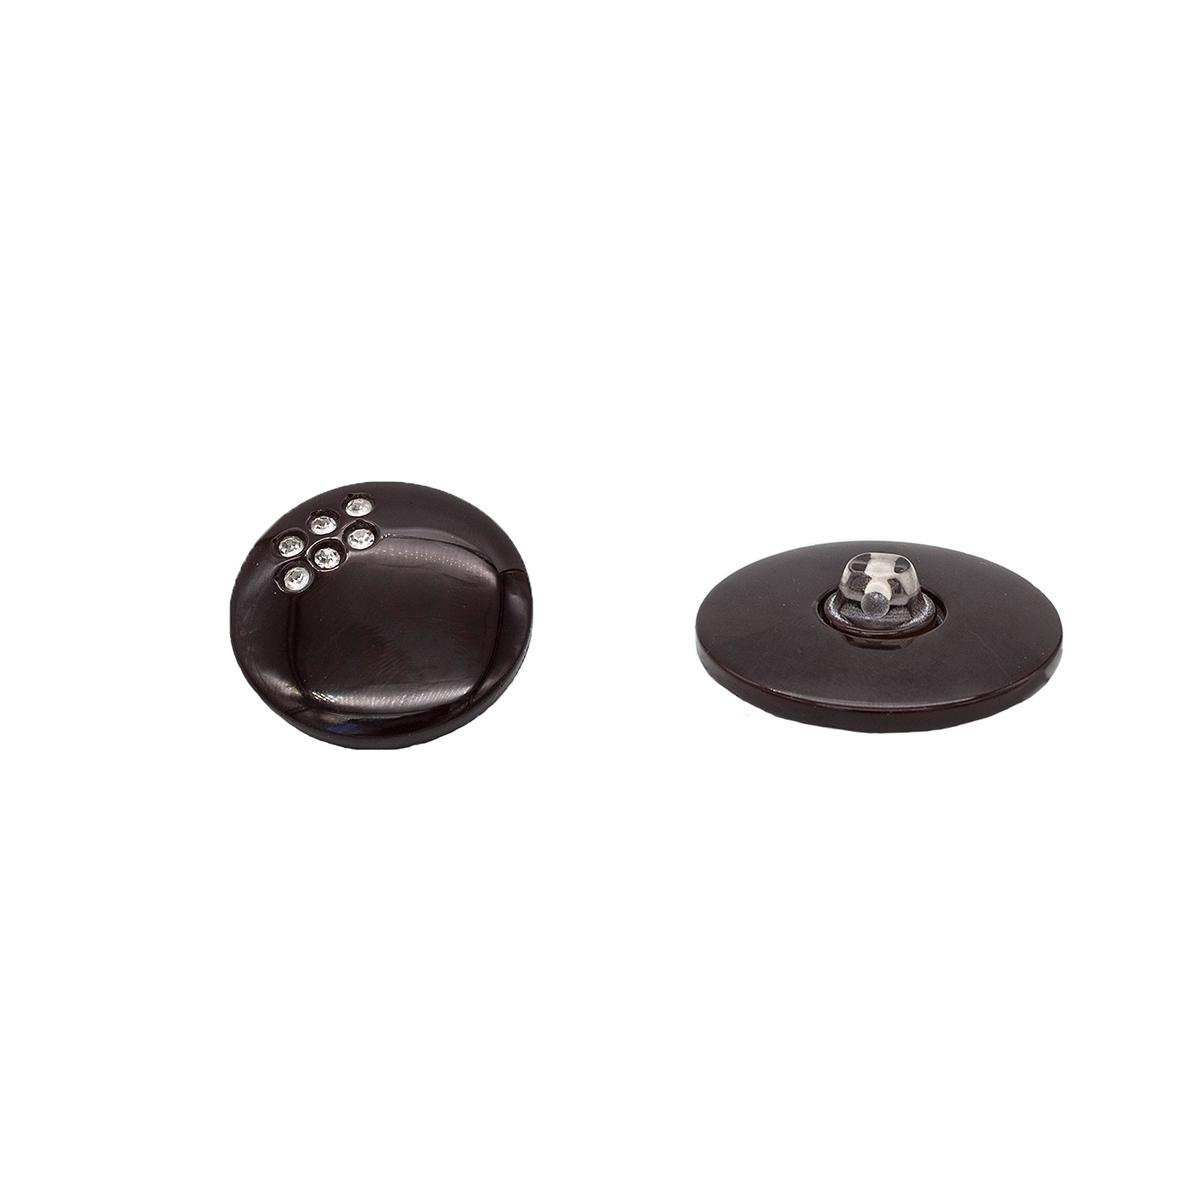 Б101 Пуговица (3.01 1219 32) (коричневый)